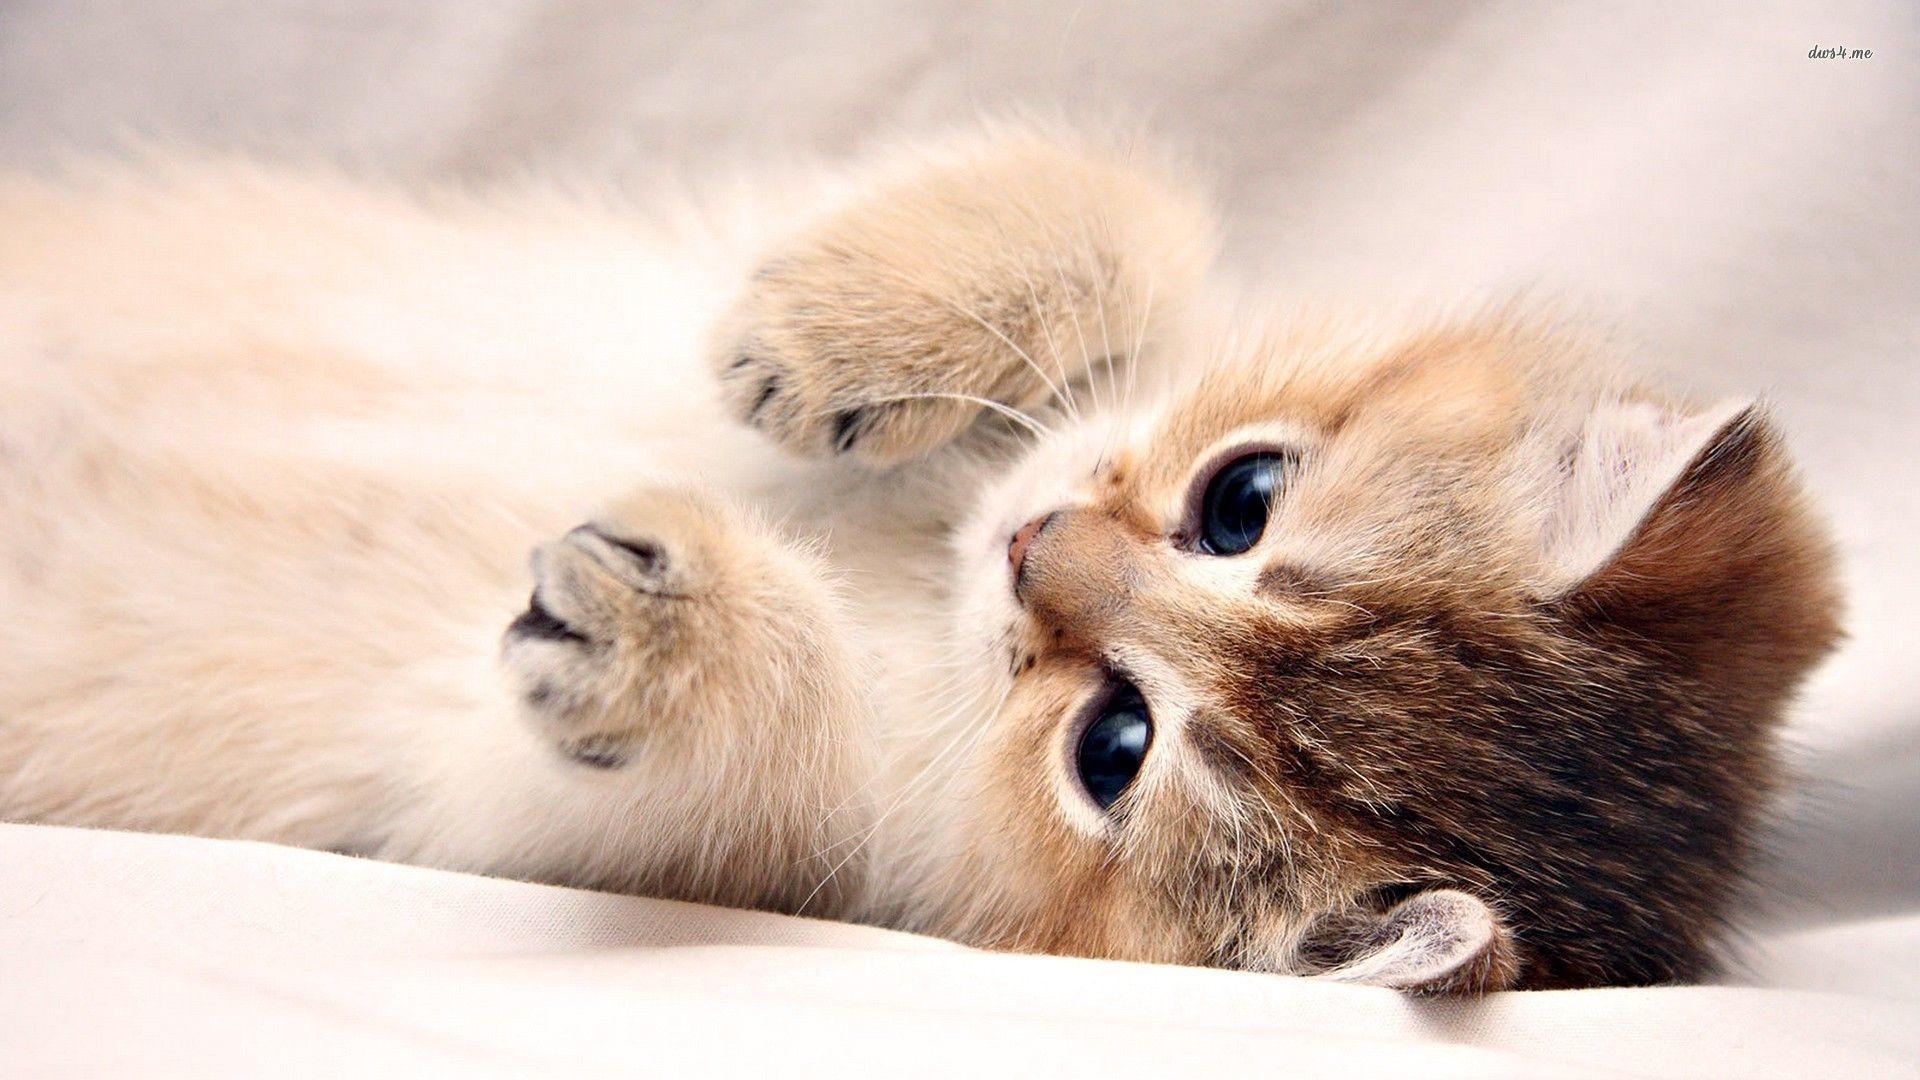 Res: 1920x1080, Kitten wallpaper 1280x800 - Download Best HD Desktop Wallpapers .